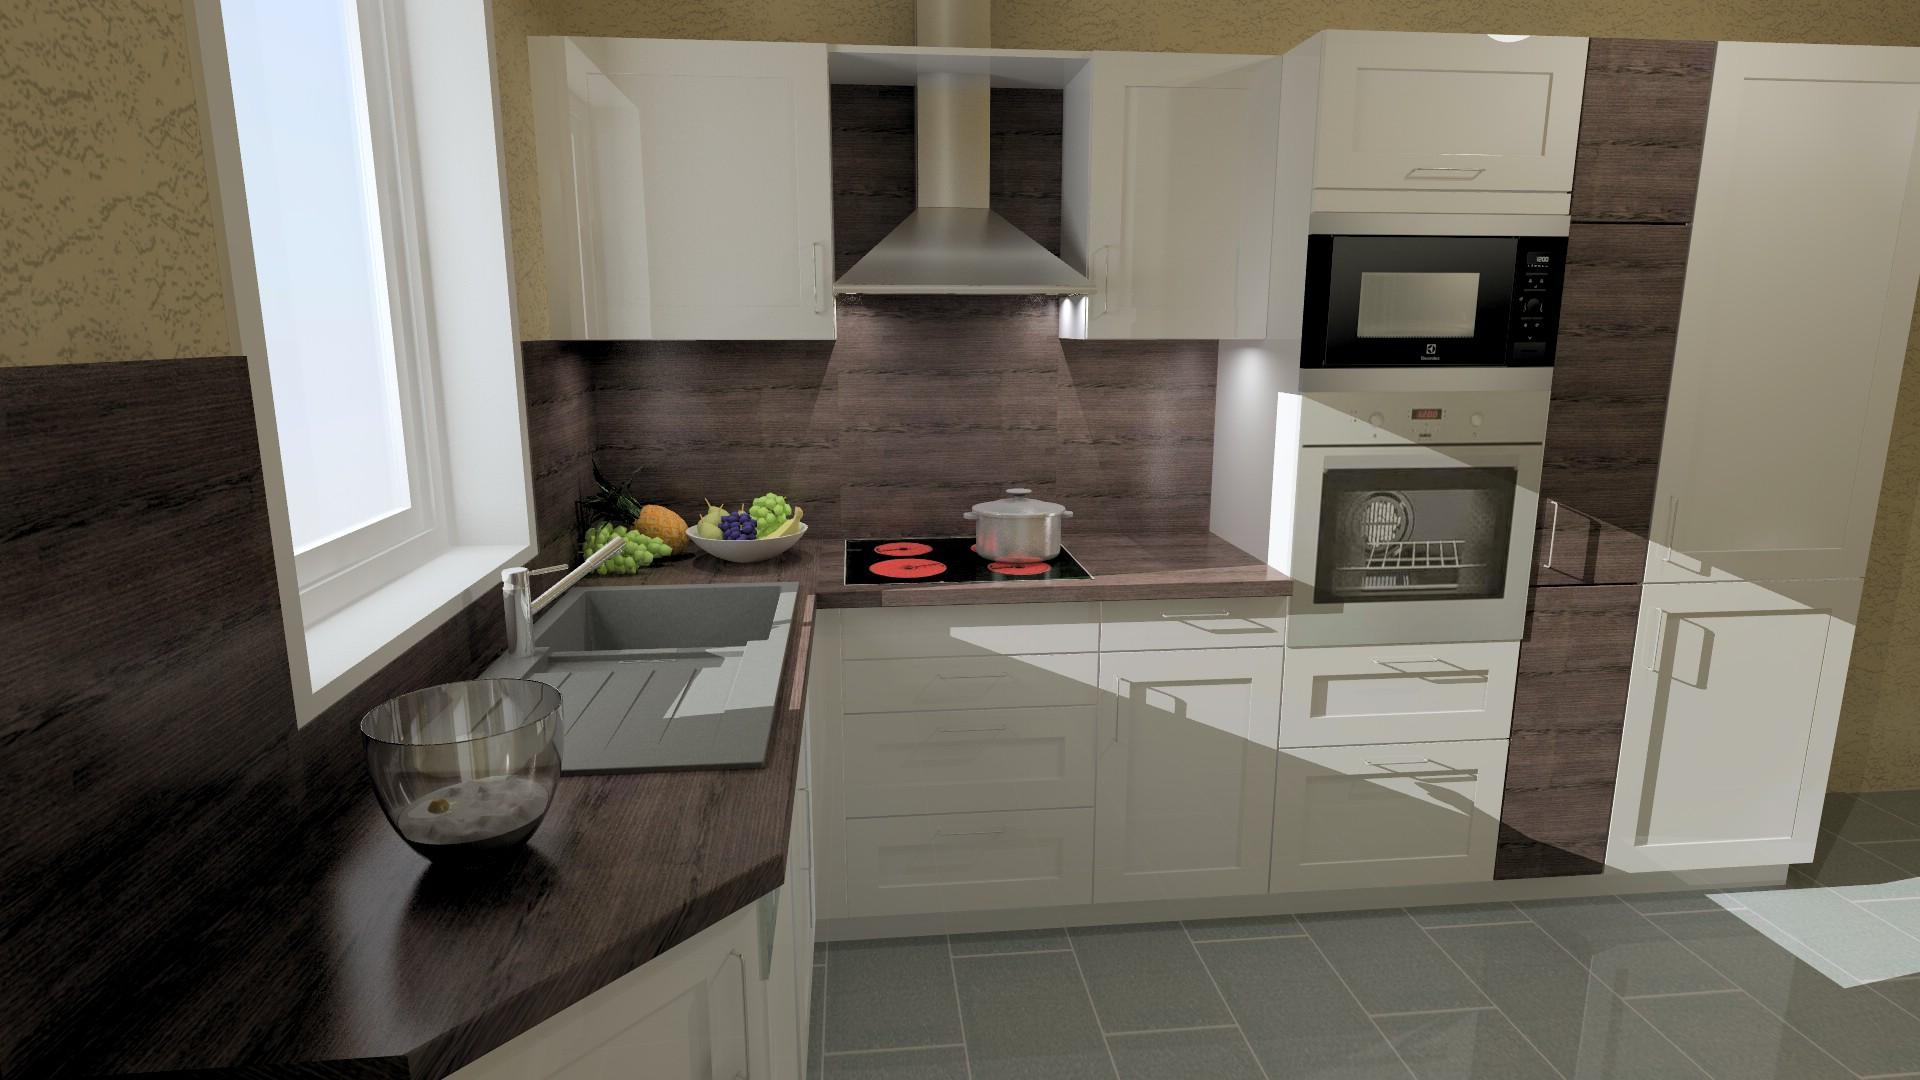 kueche eiche und weiss. Black Bedroom Furniture Sets. Home Design Ideas